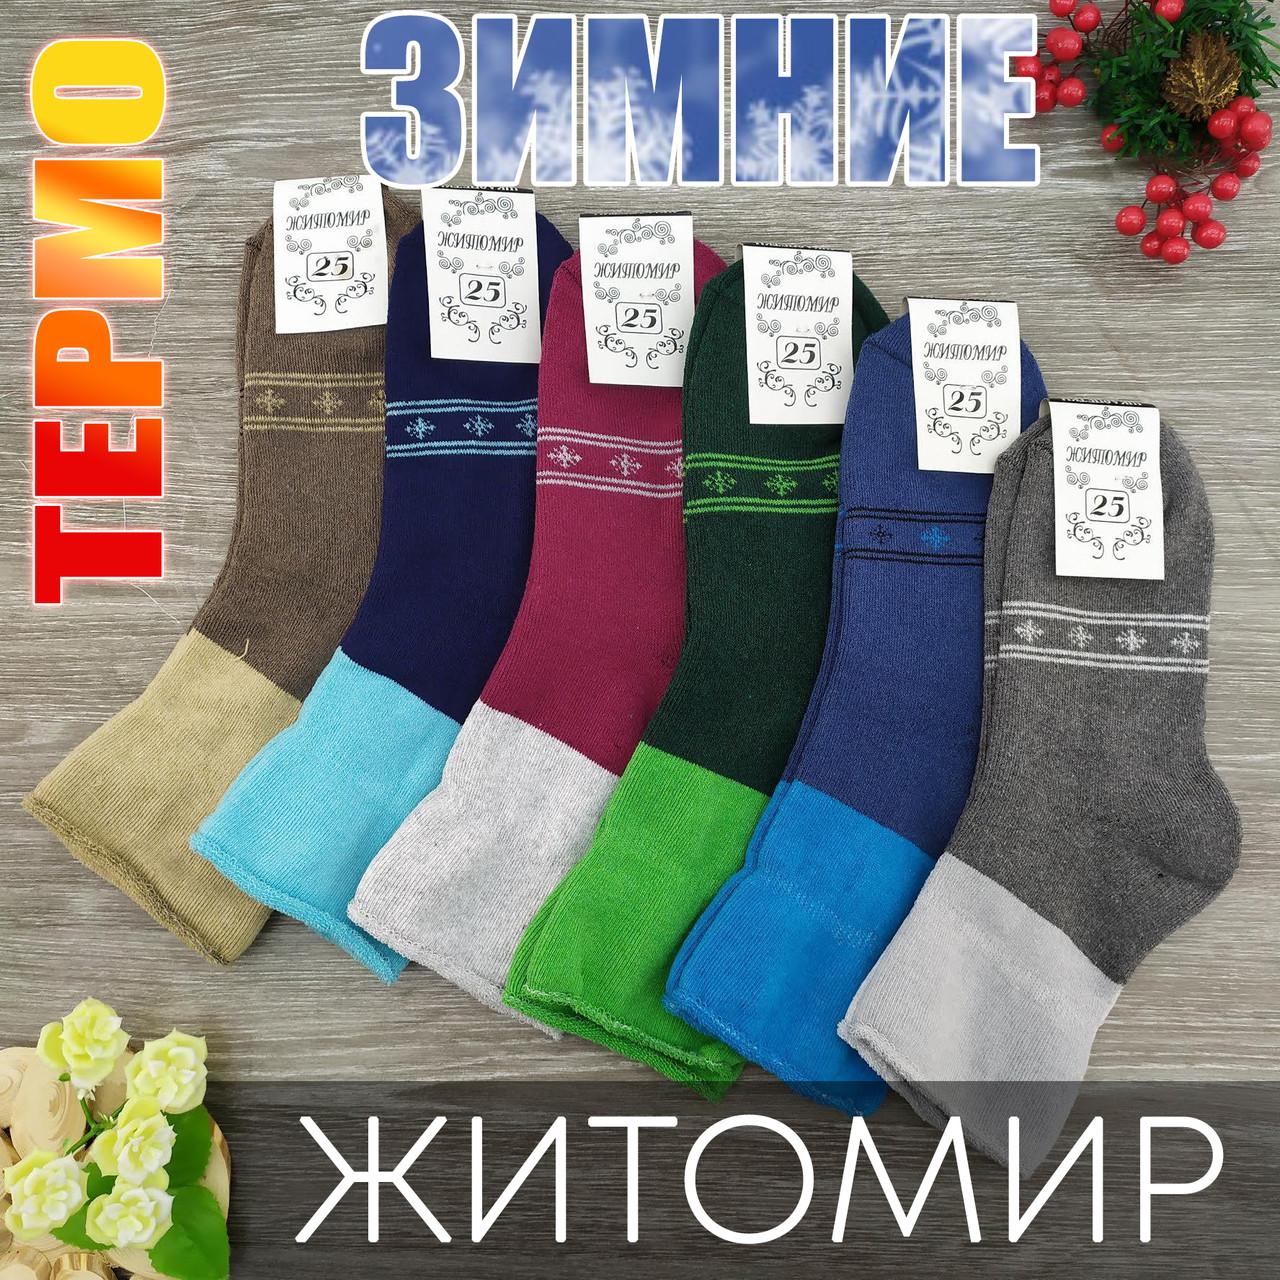 Носки махровые 2 сорт медицинские Житомир ассорти 20039684